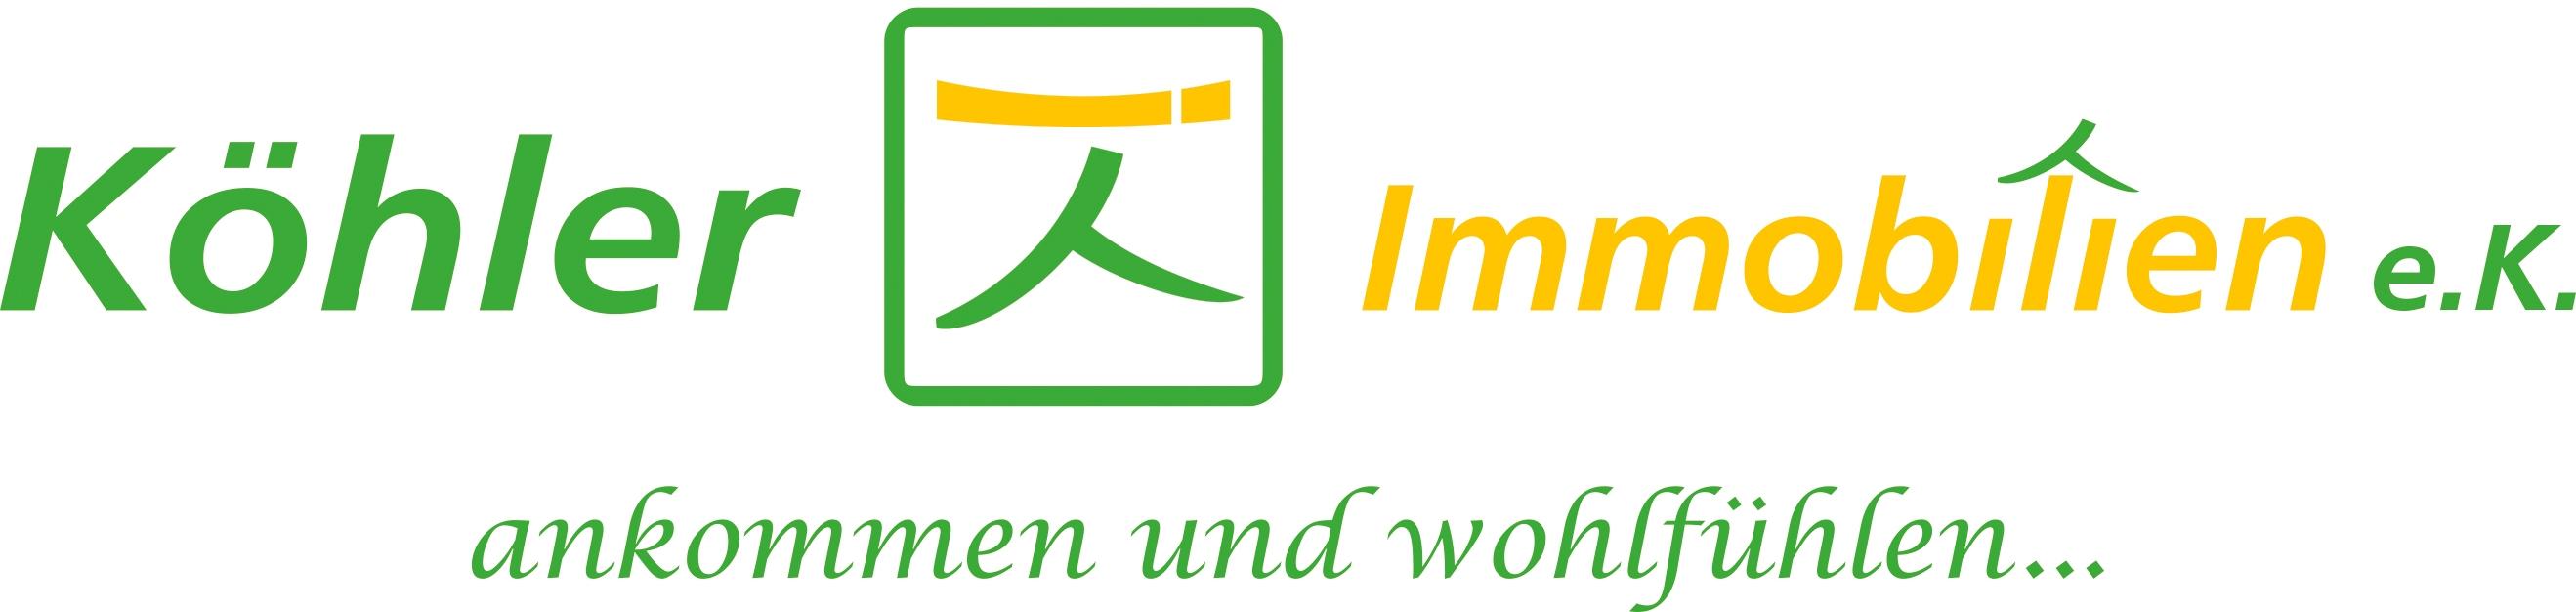 Hier sehen Sie das Logo von Köhler Immobilien e.K.